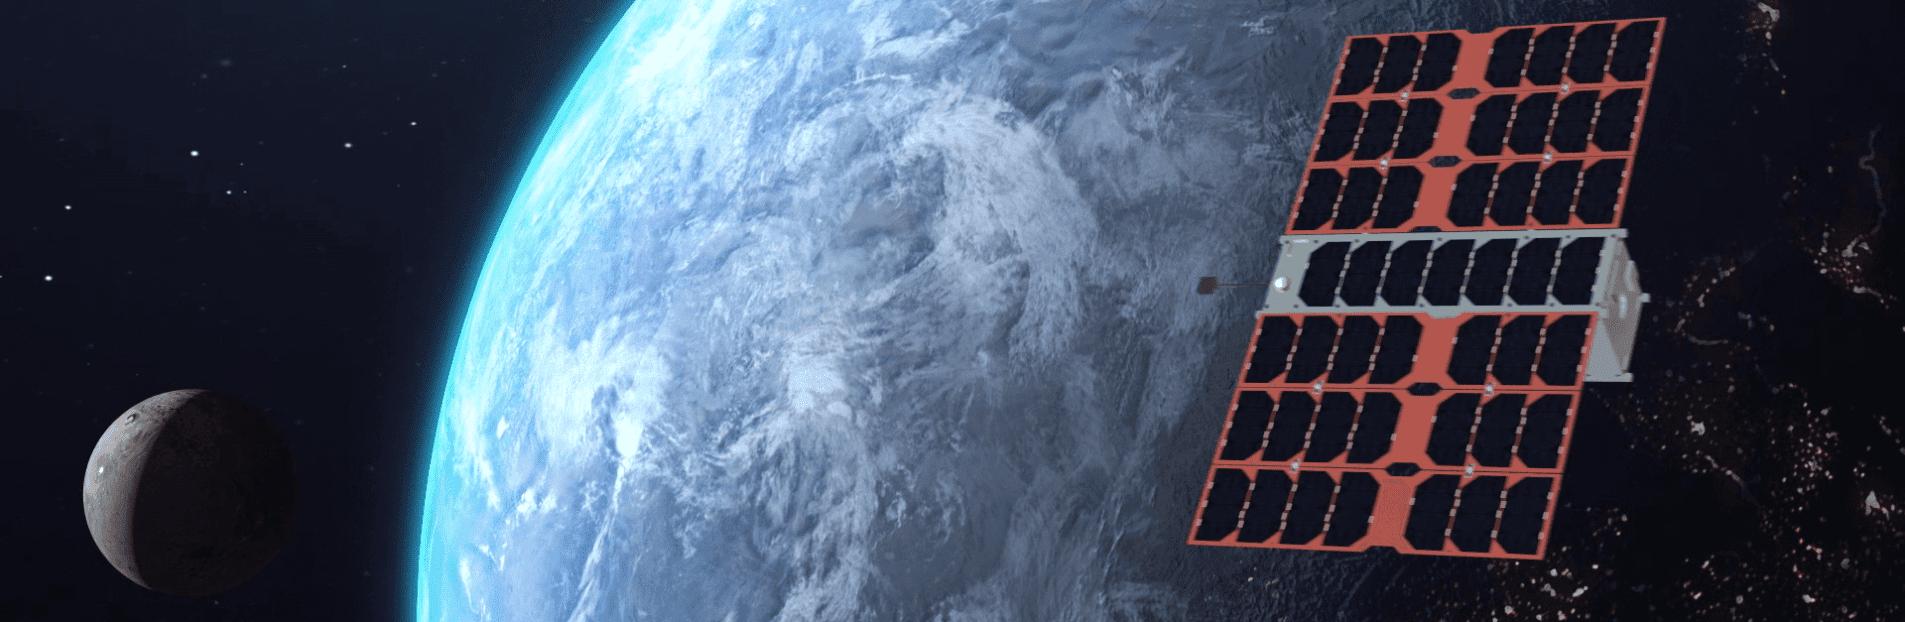 astrocast-satellites-satellite-iot